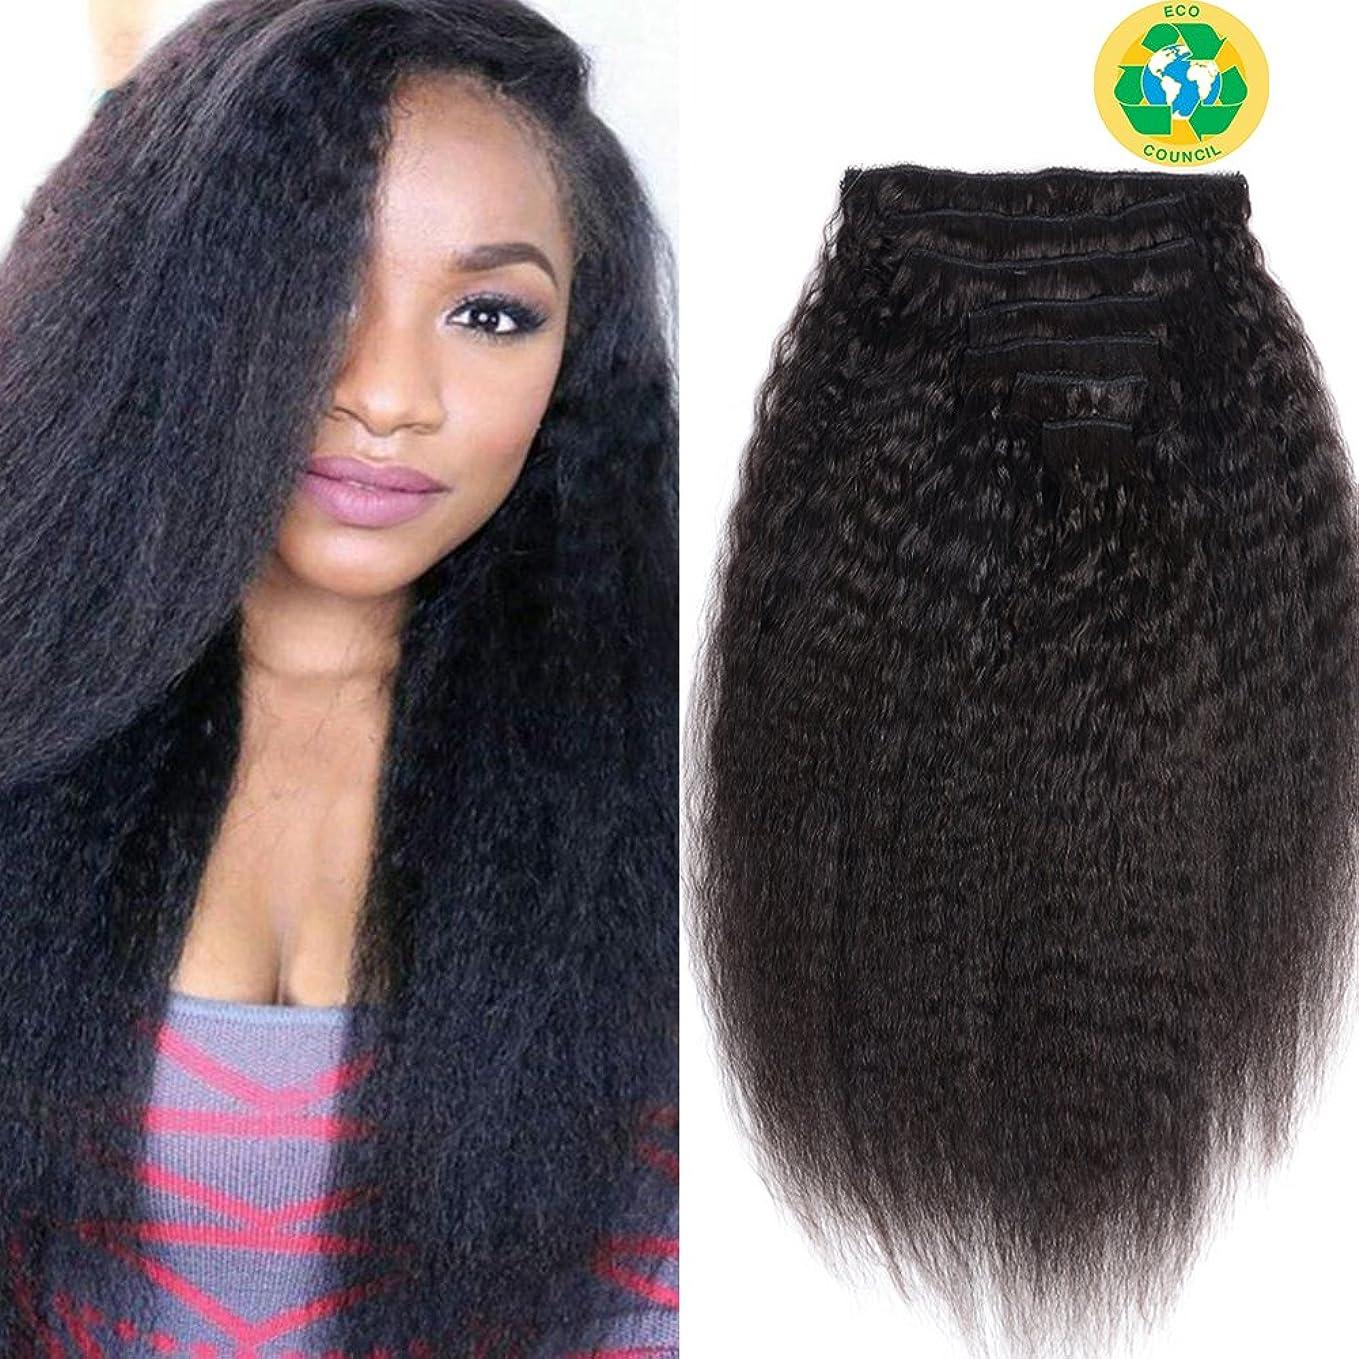 カウンターパート寄託陰謀Topuhair Yaki Kinkyストレートクリップinヘアエクステンション100%ブラジル人のRemy髪8個と120g /セットナチュラルカラー(18inch / 45cm、ブラック)